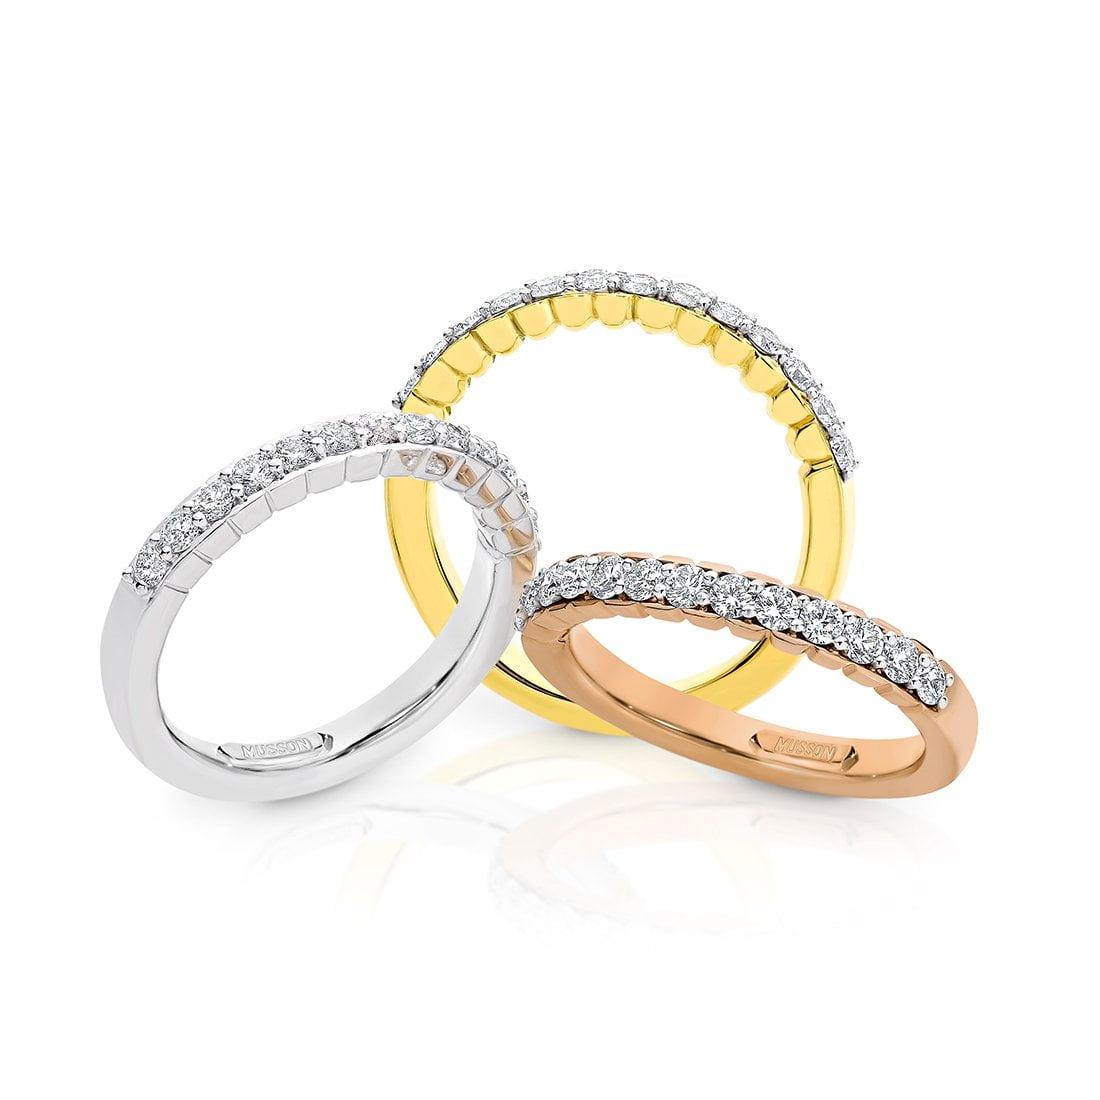 Adore Petite Pink Diamond Ring